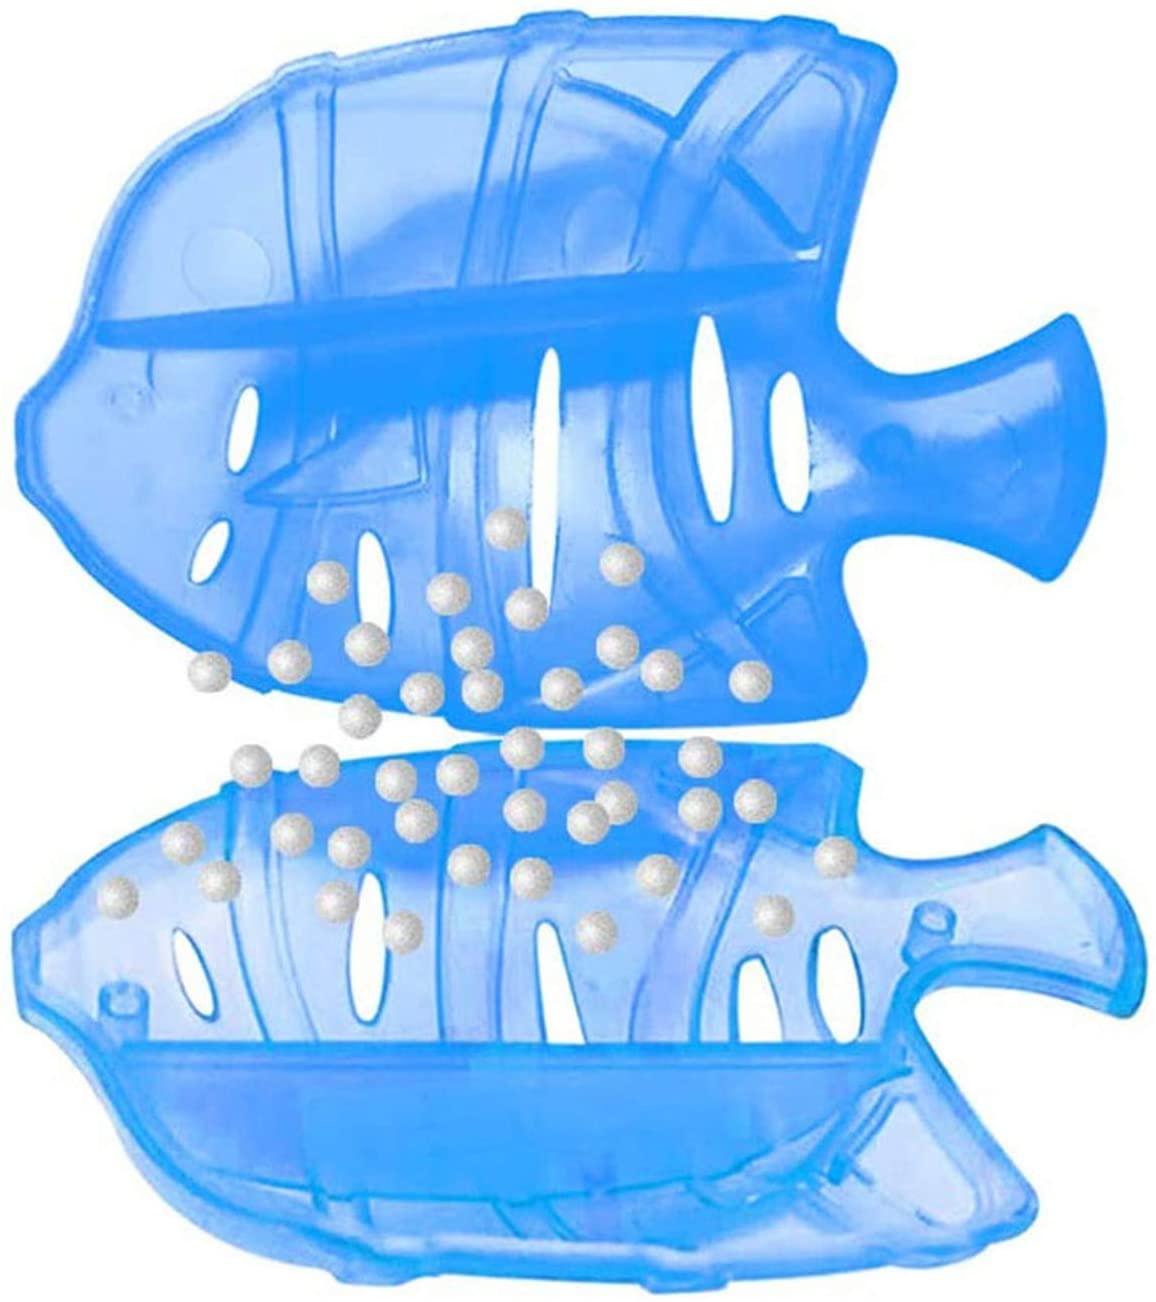 JINQII10 보편적인 가습기 물 탱크 청소기 실버 LON 활성 성분은 물고기 탱크는 필터에 맞게 가장 가습기&물고기 탱크